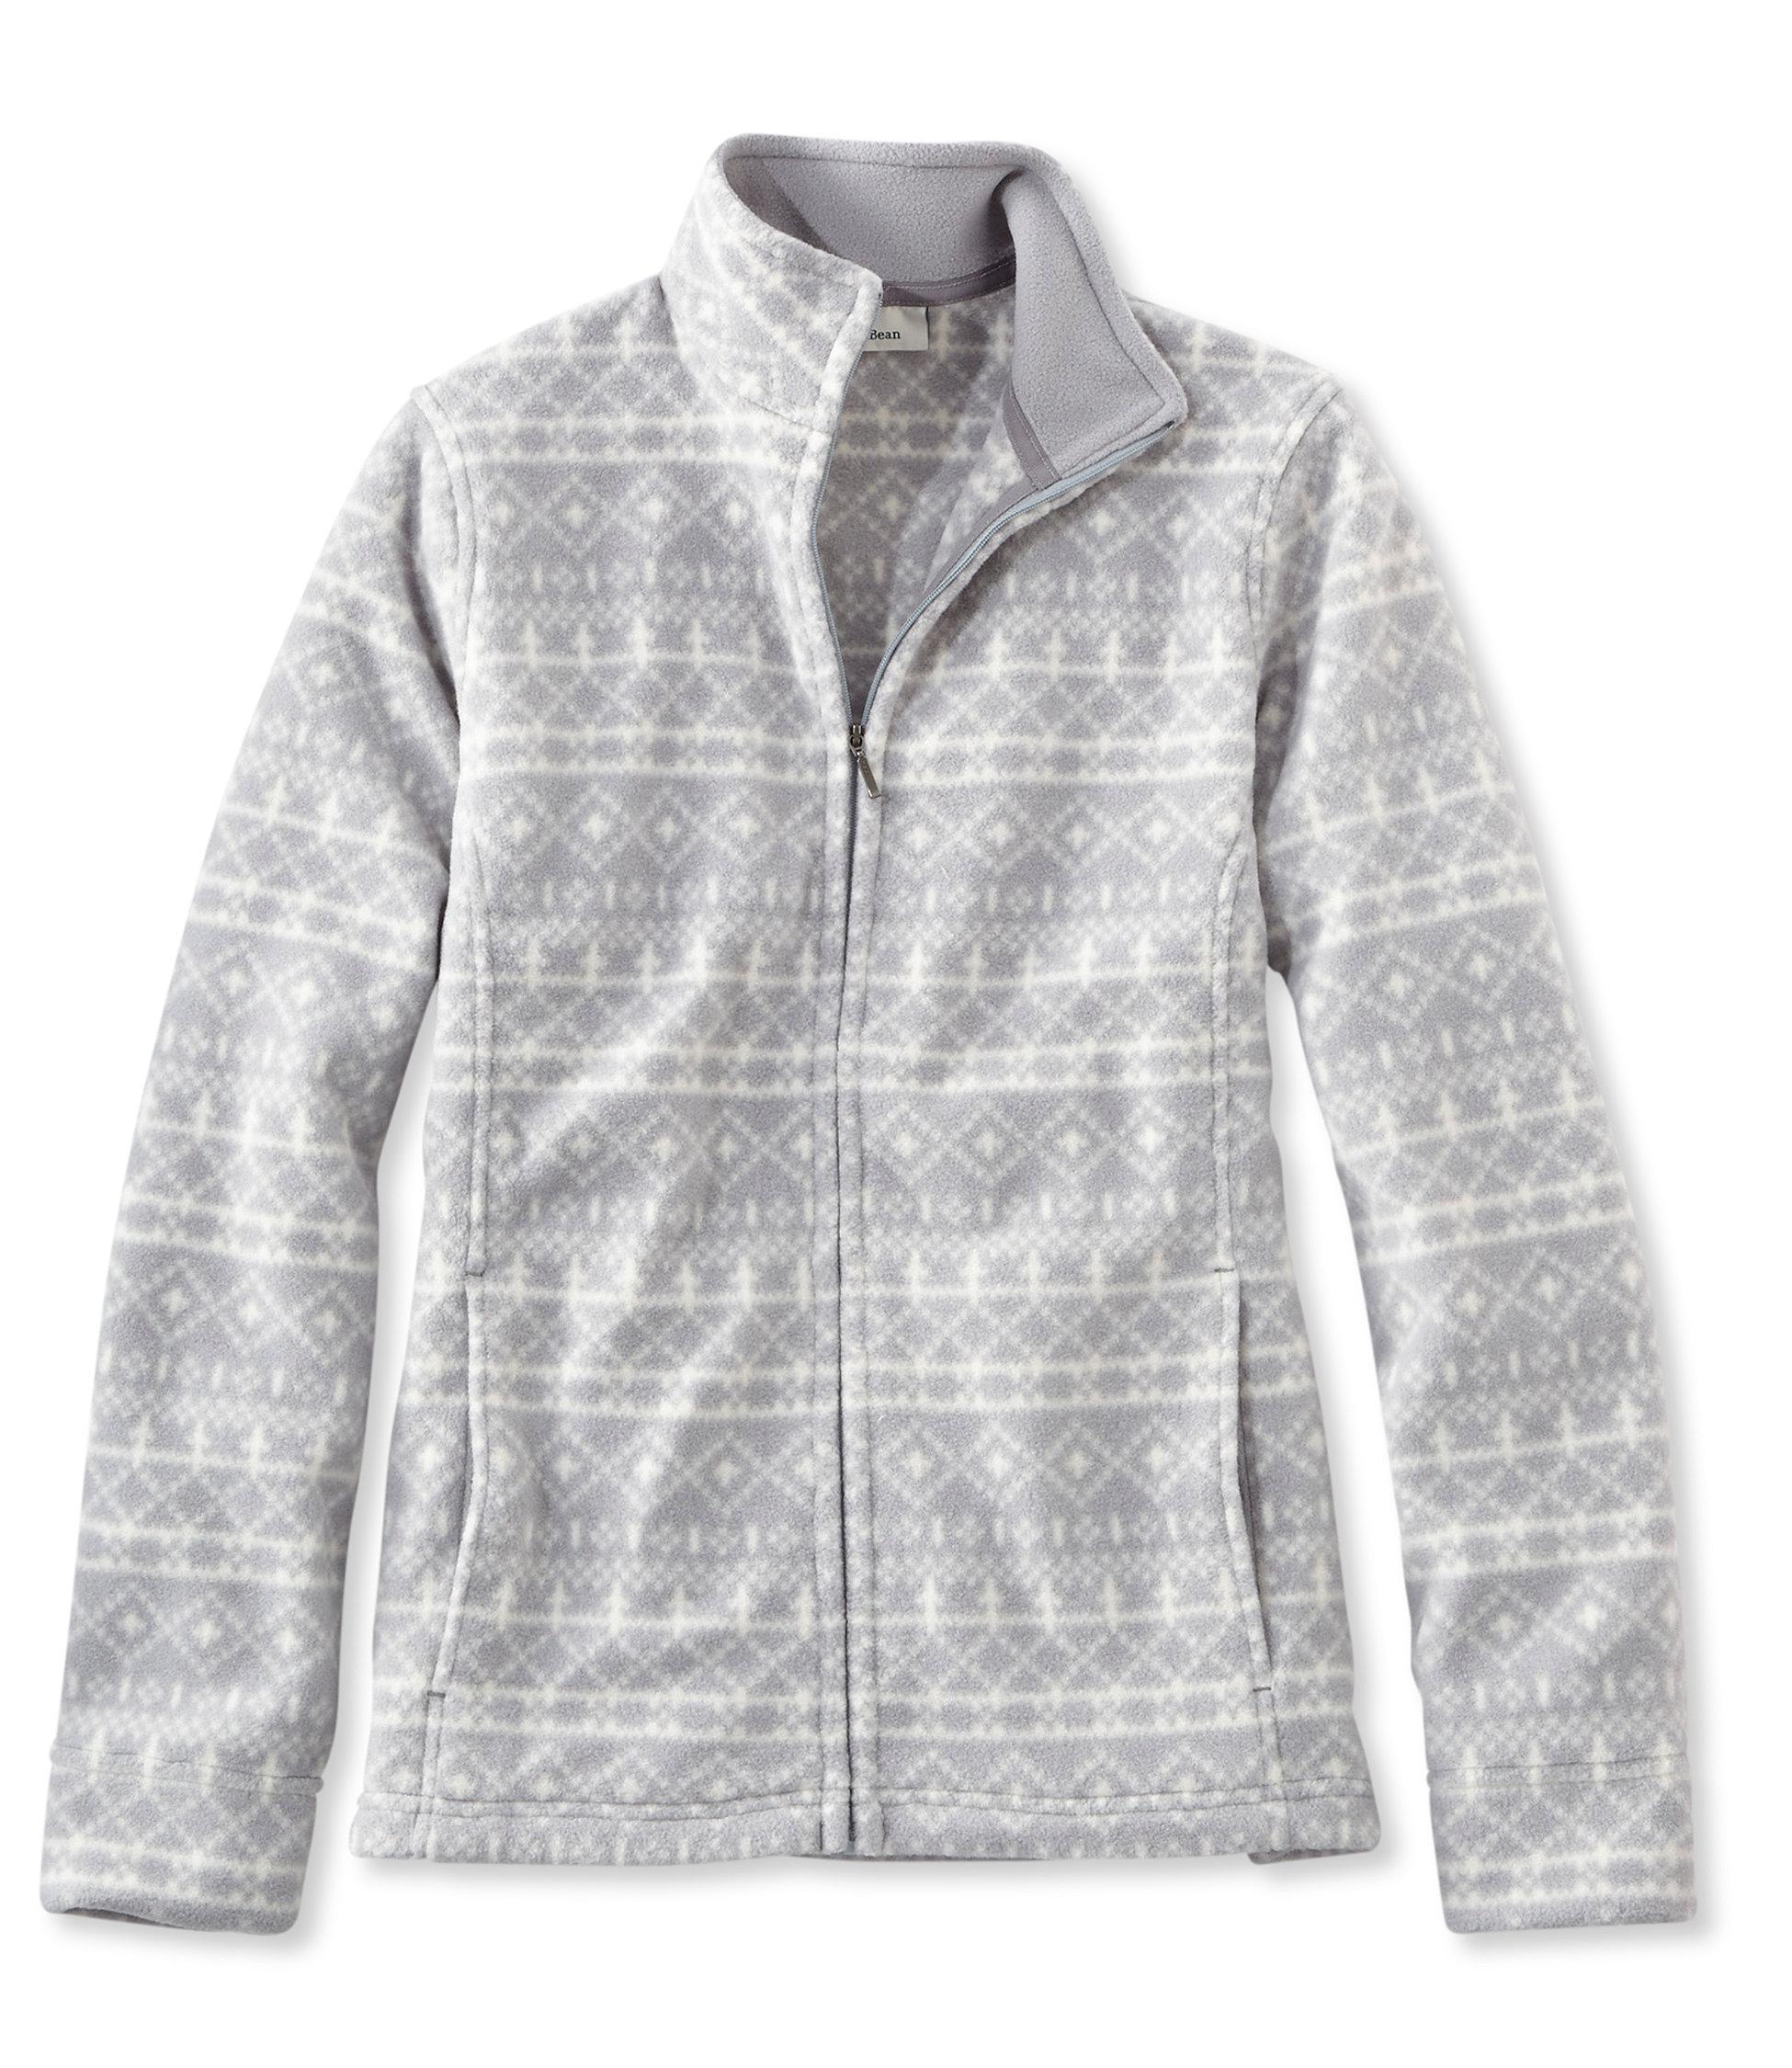 L.L.Bean Comfort Fleece, Full-Zip